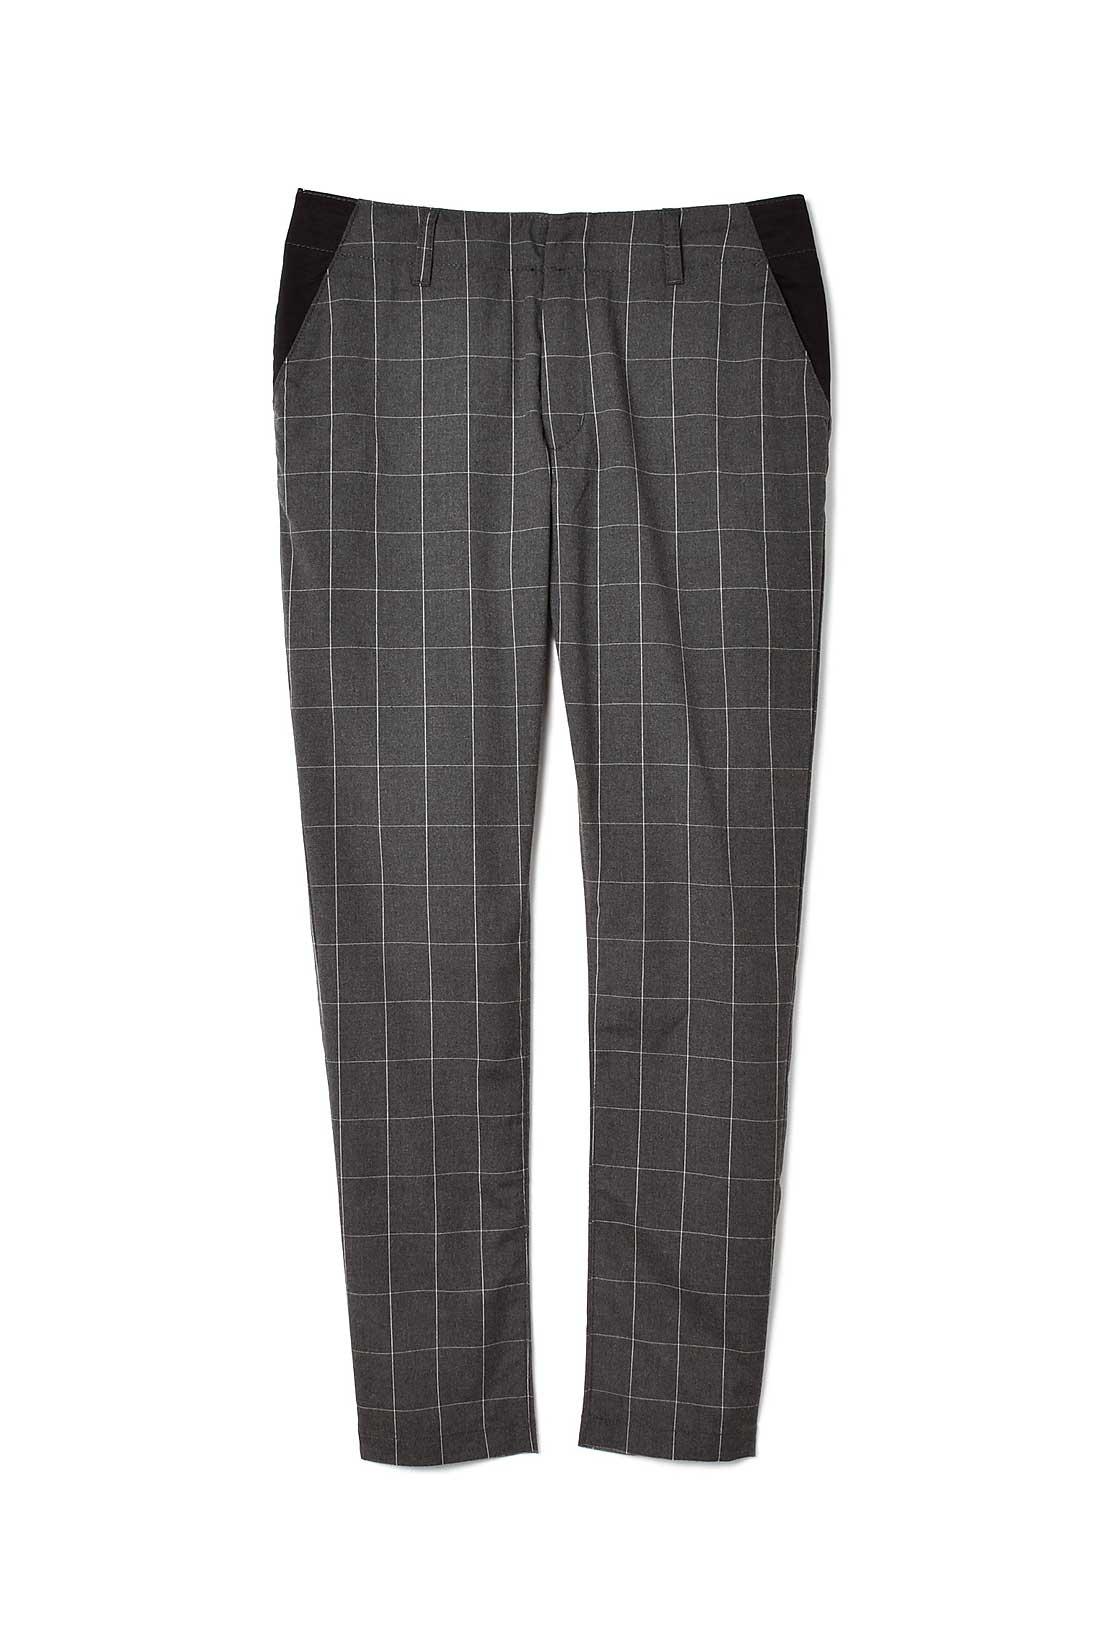 フロントのみポケット部分に黒の別布を使い、ウエストから腰まわりをすっきり見せするデザイン。